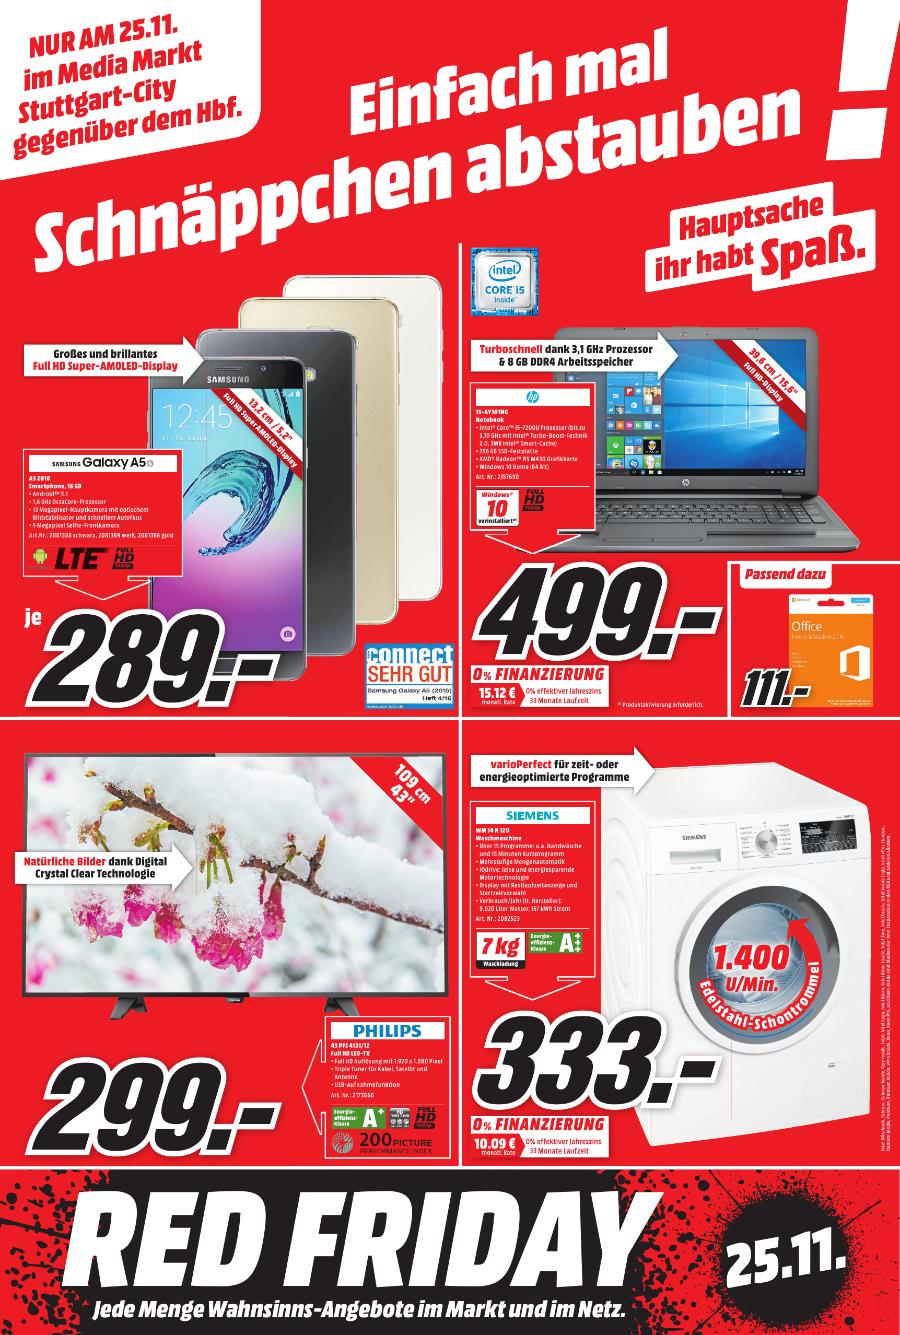 Philips 43PFS4131 Full HD LED TV für 299 Euro [Mediamarkt Stuttgart]